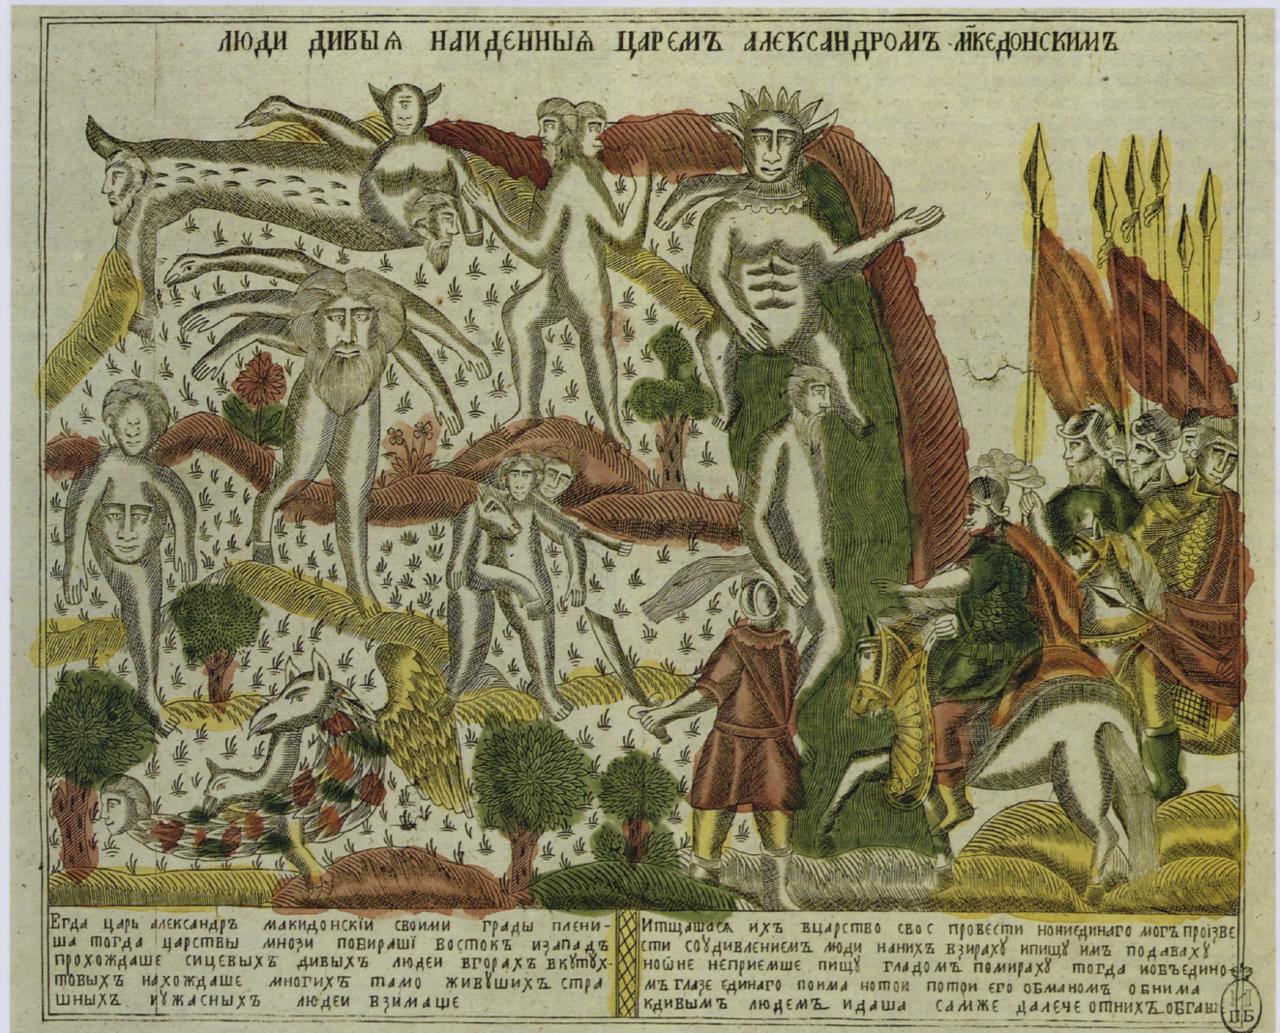 1820-е. Люди дивые, найденные царем Александром Македонским